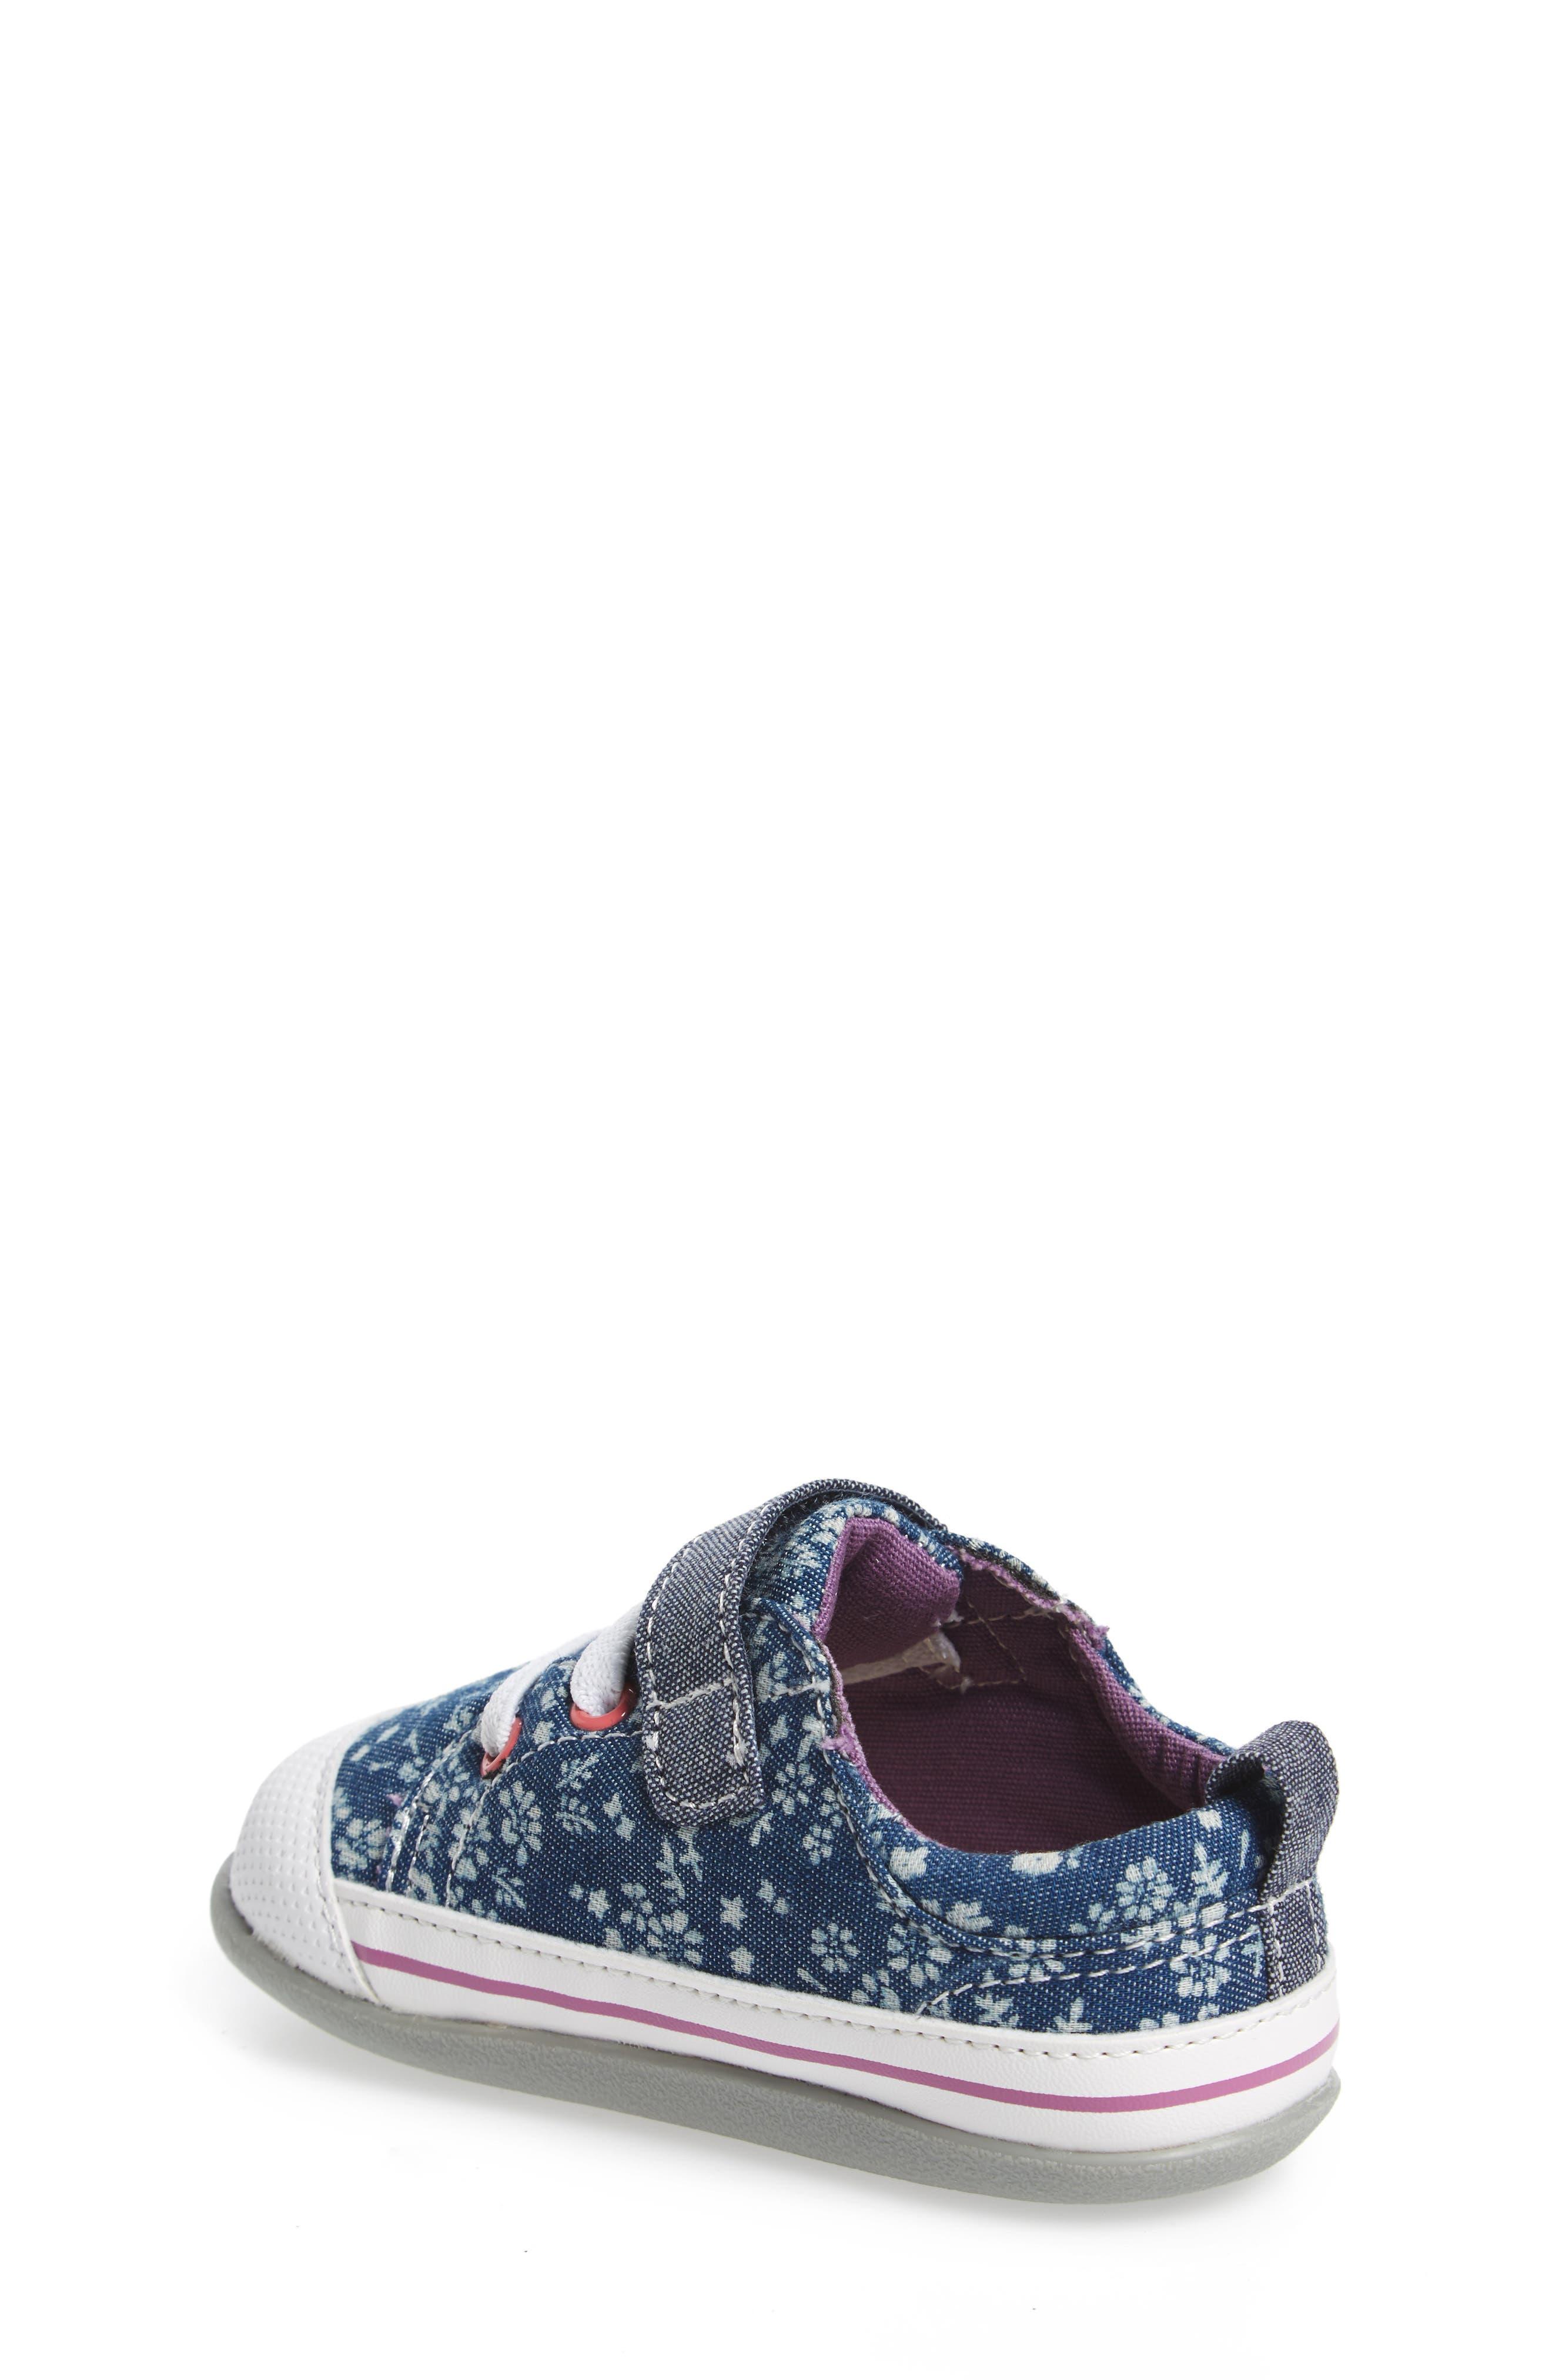 Stevie II Sneaker,                             Alternate thumbnail 2, color,                             BLUE FLOWERS